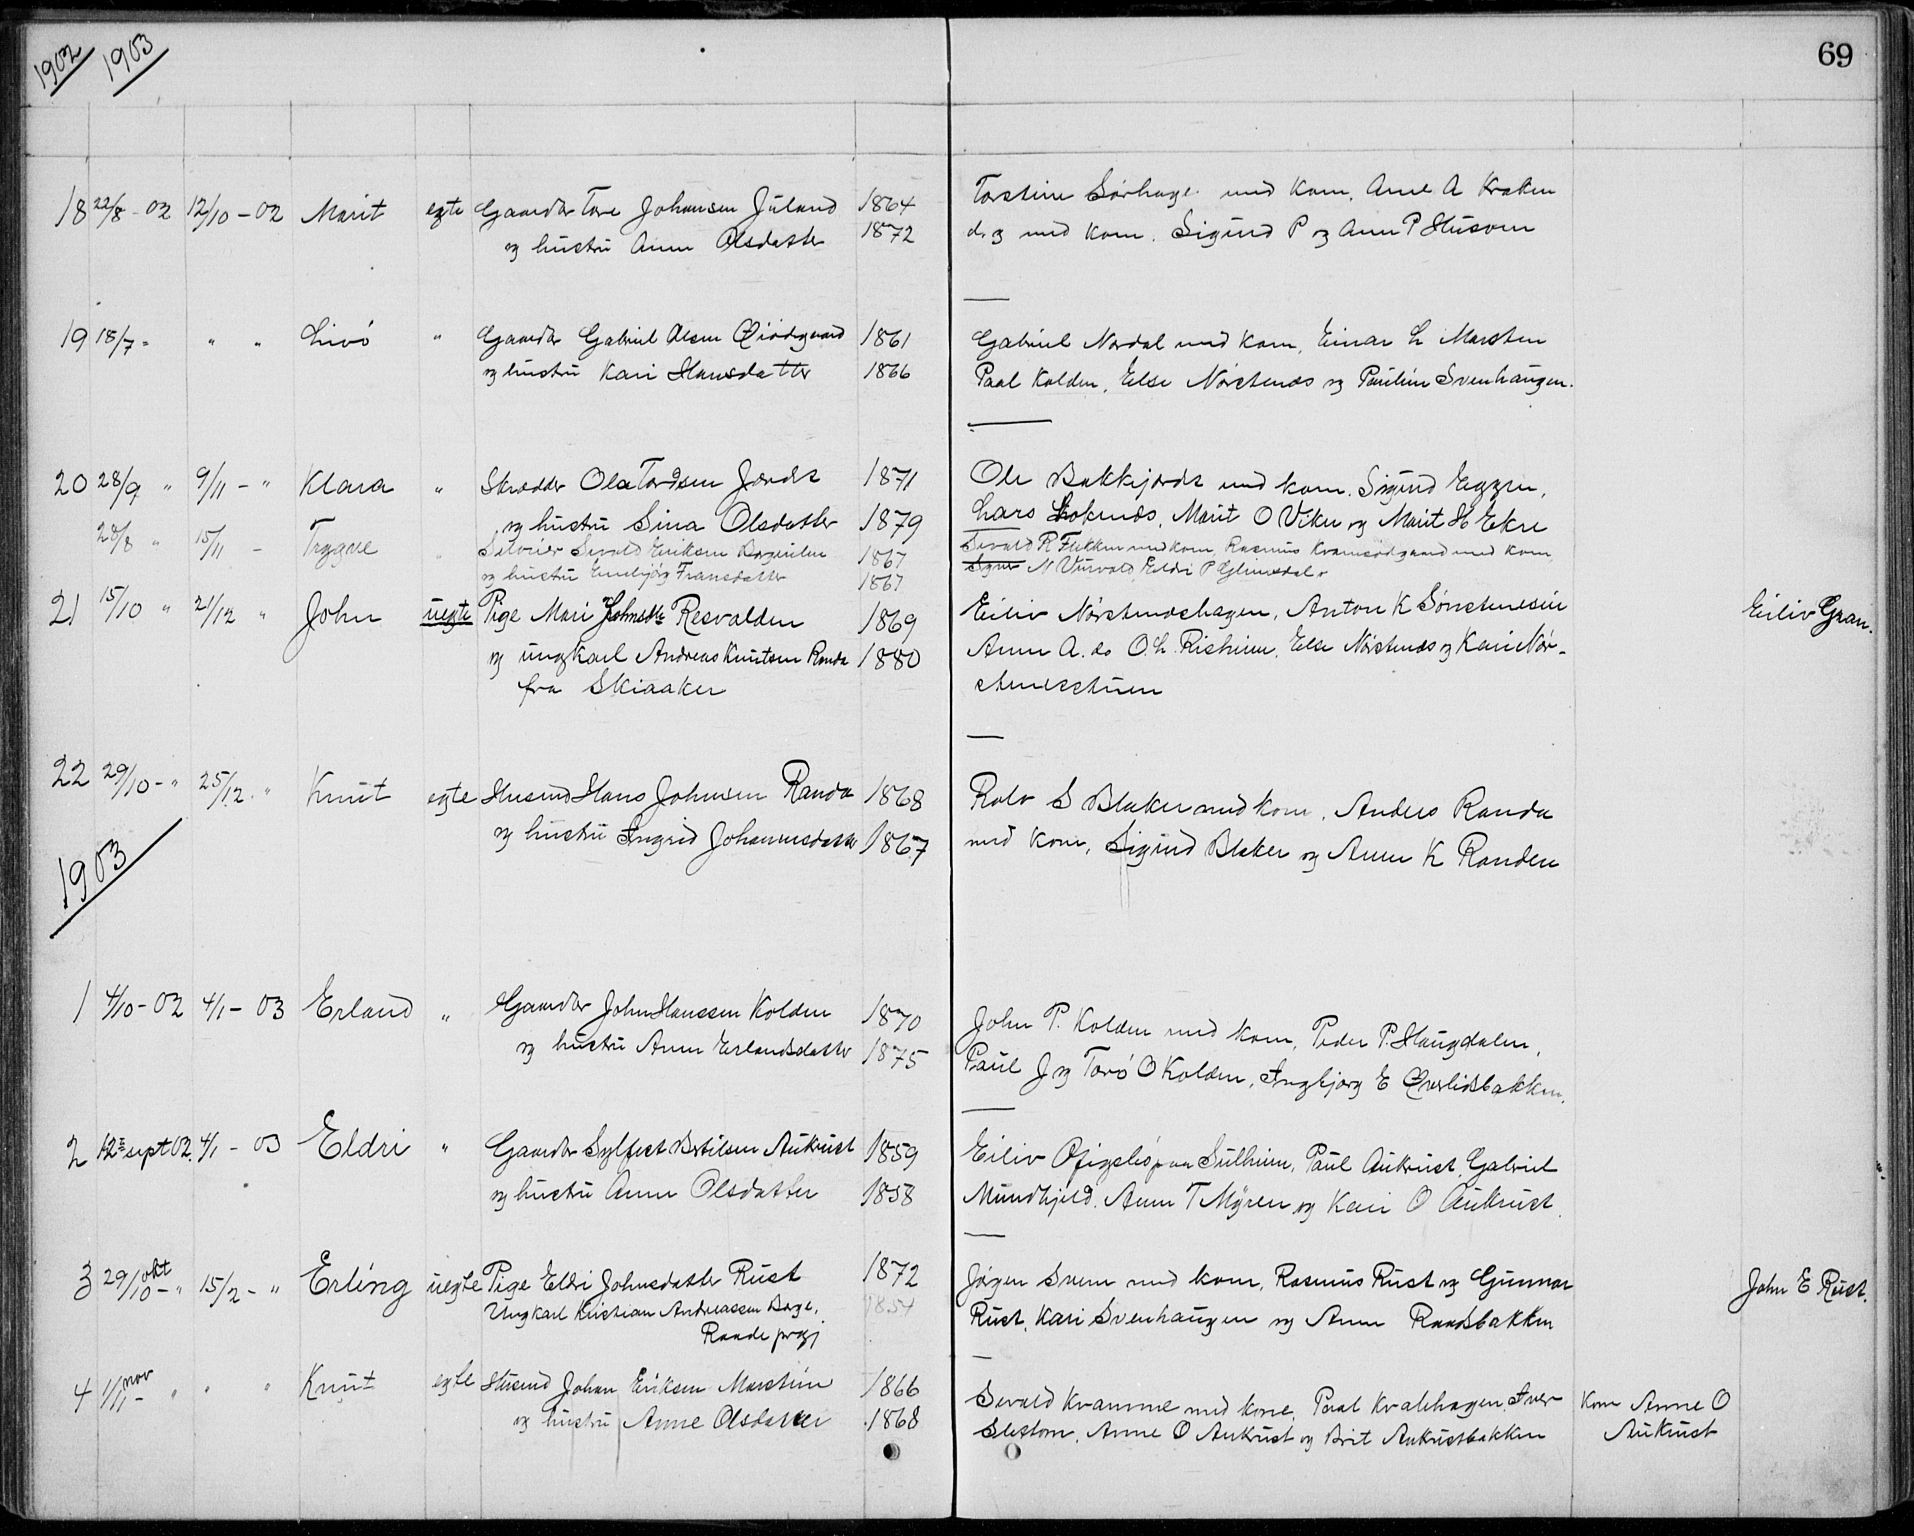 SAH, Lom prestekontor, L/L0013: Klokkerbok nr. 13, 1874-1938, s. 69